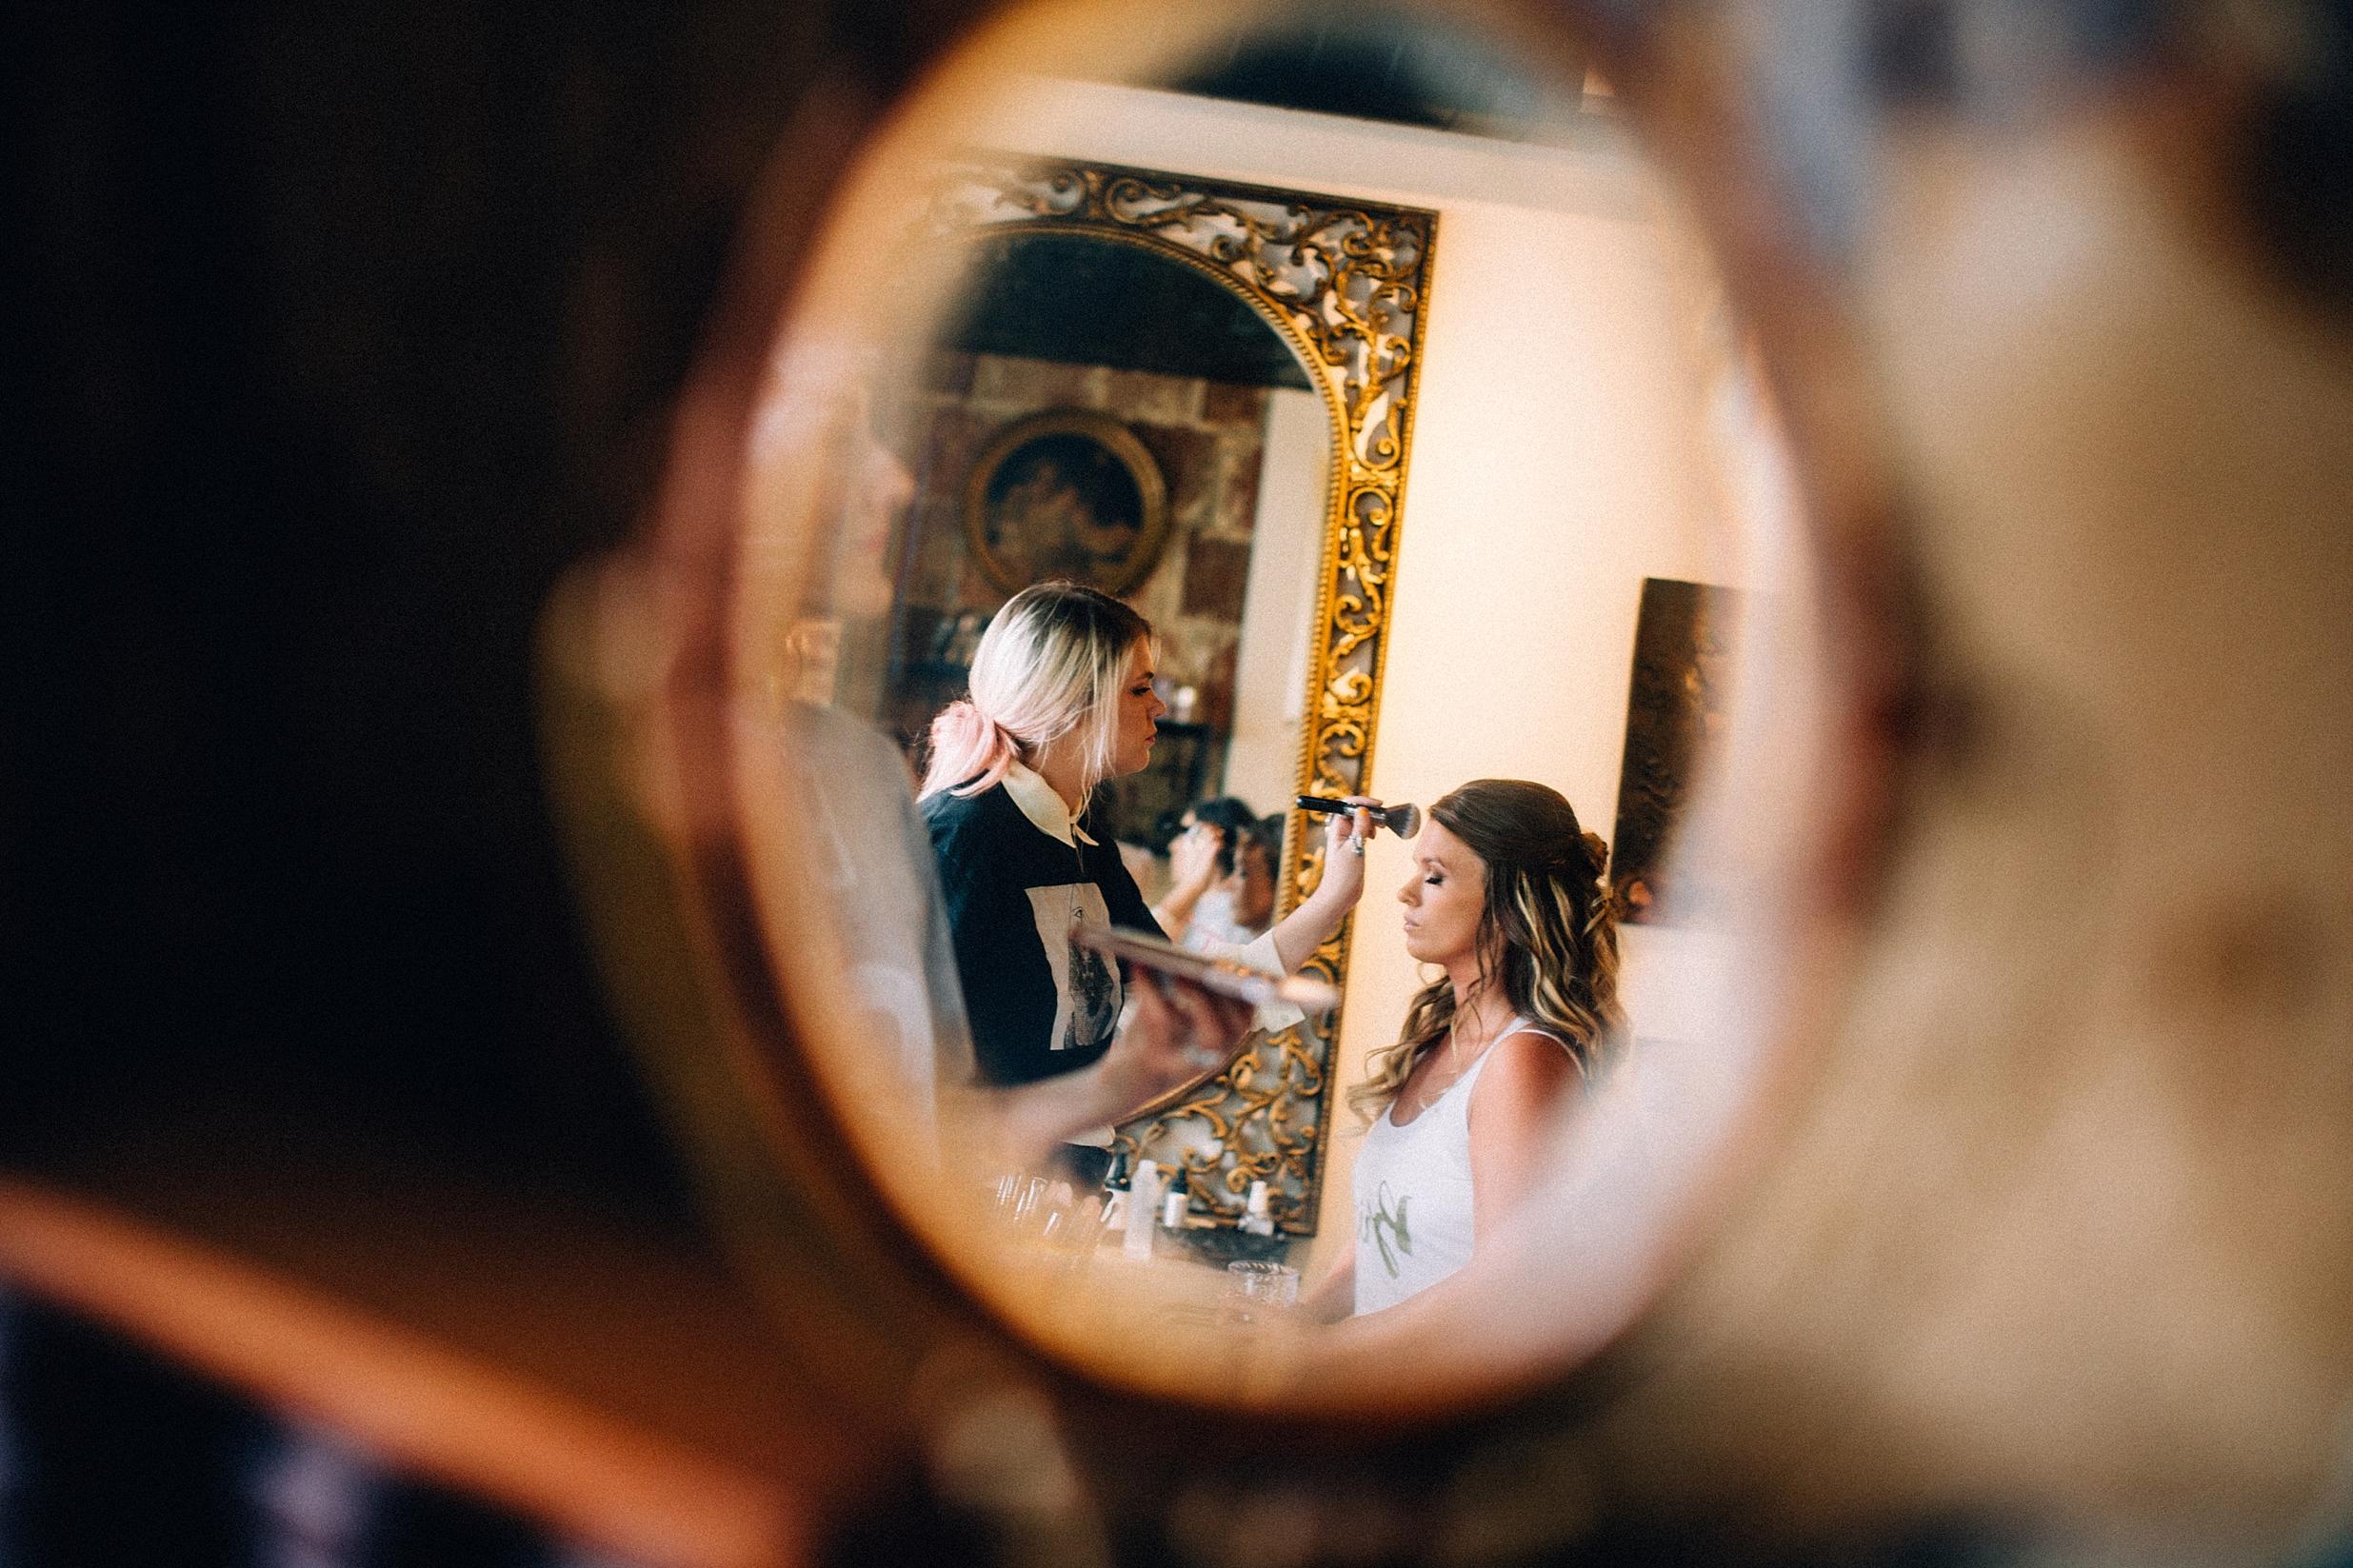 jersey-outdoor-ceremony-wedding-navasink-monmouth-rumson_0008.jpg